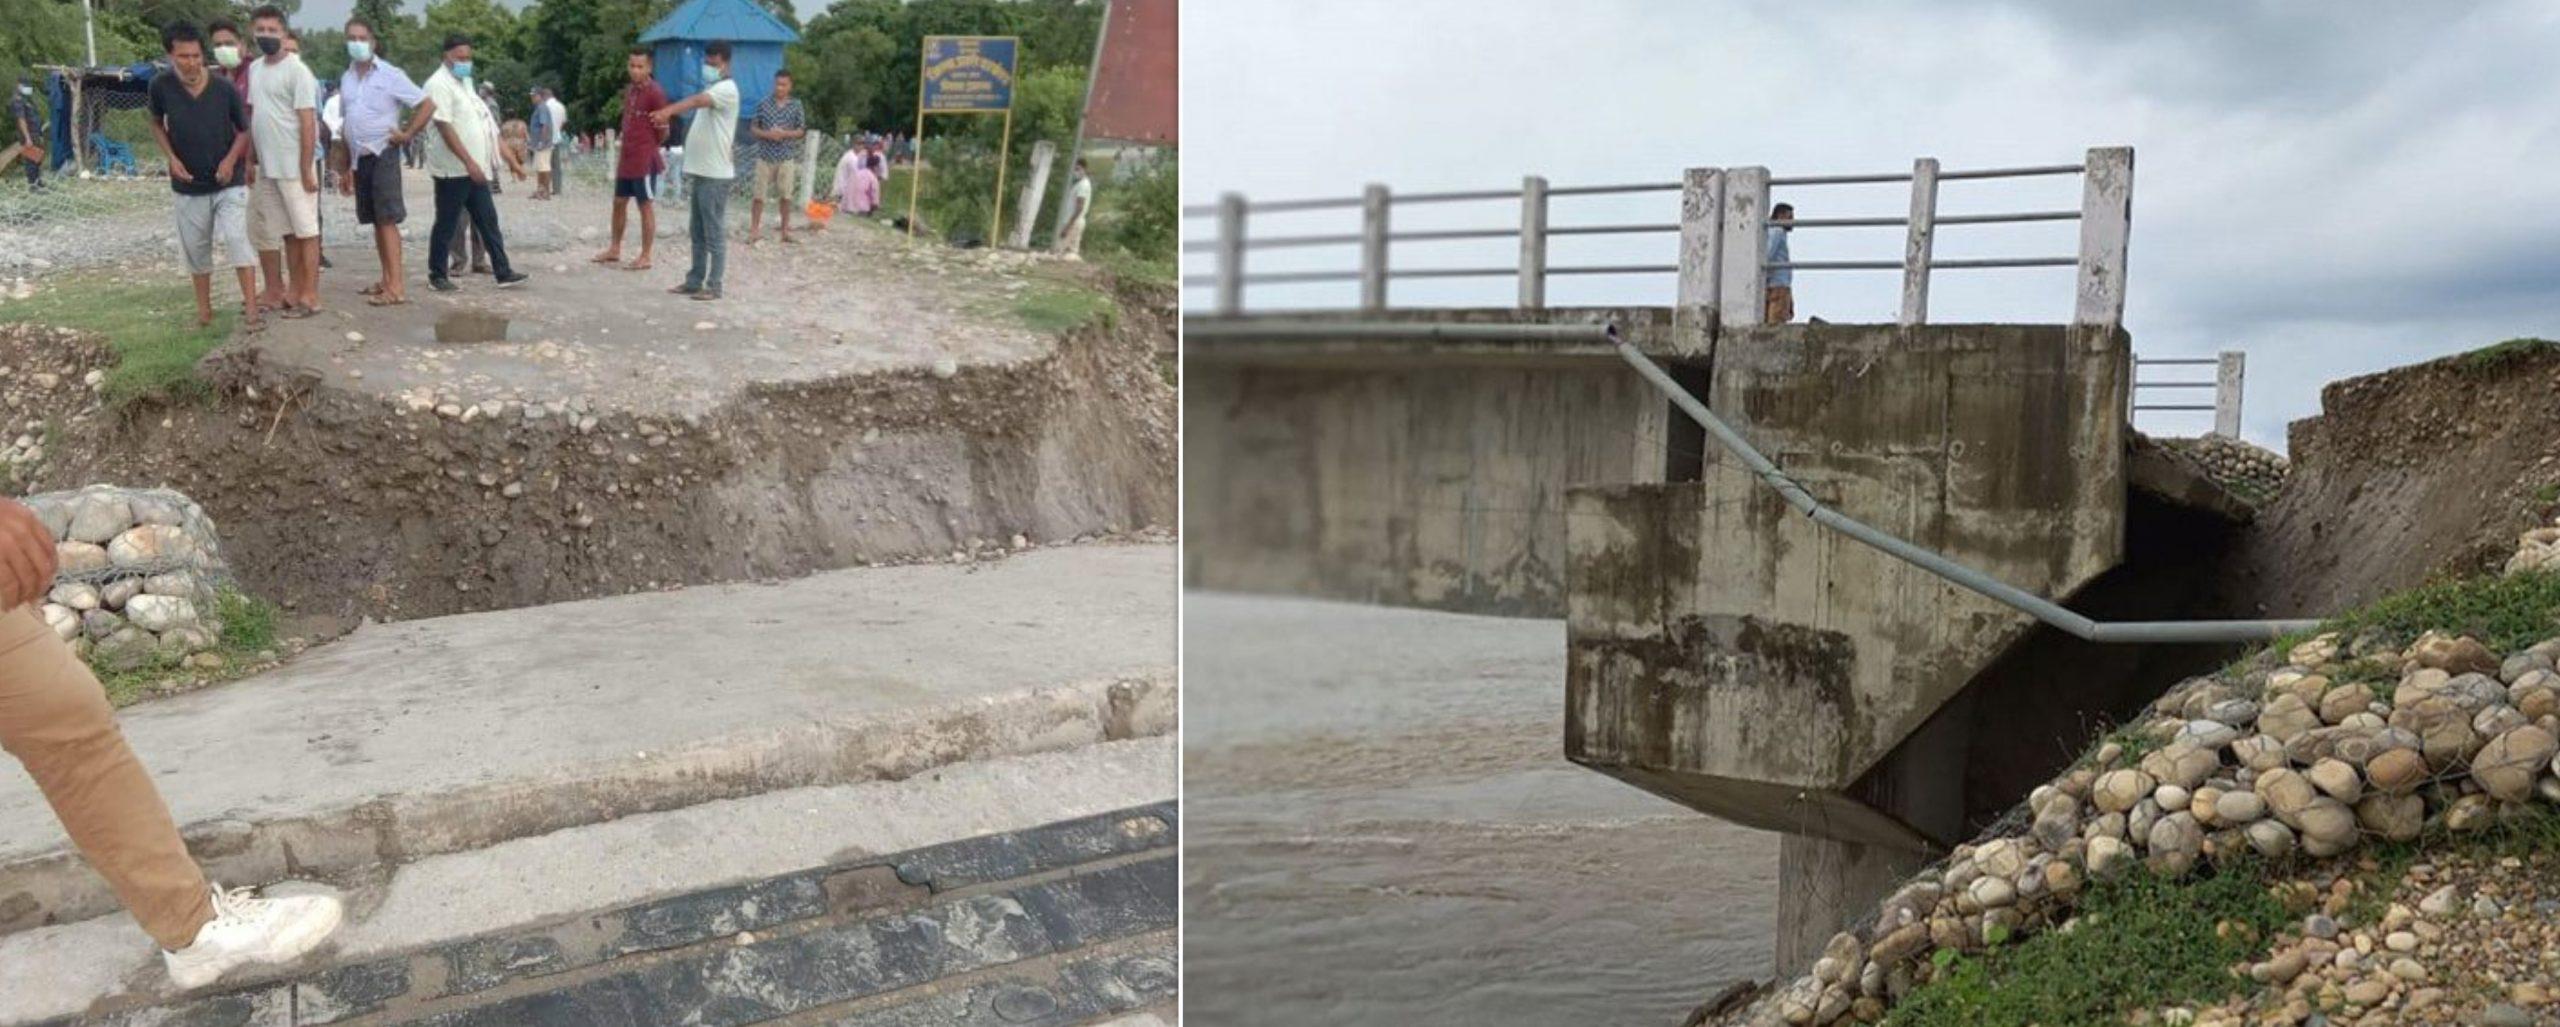 सुदूरपश्चिम र लुम्बिनी प्रदेश जोड्ने पुल भासियो, आउजाउमा रोक